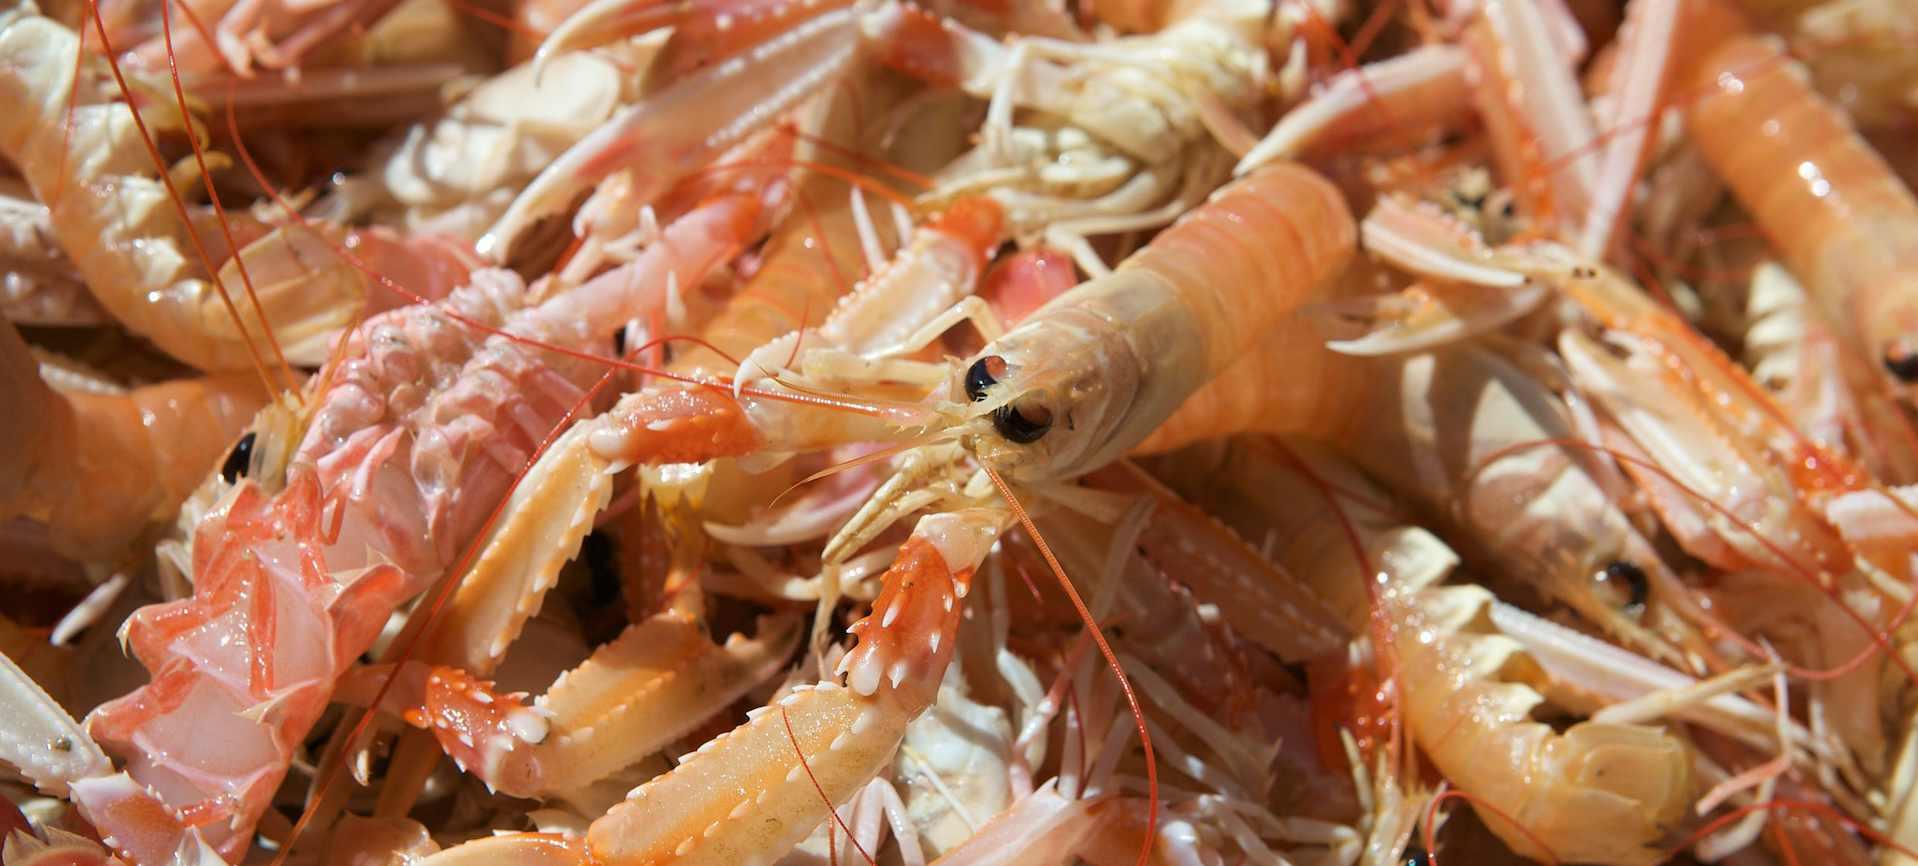 Cuisson des crustacés et coquillages